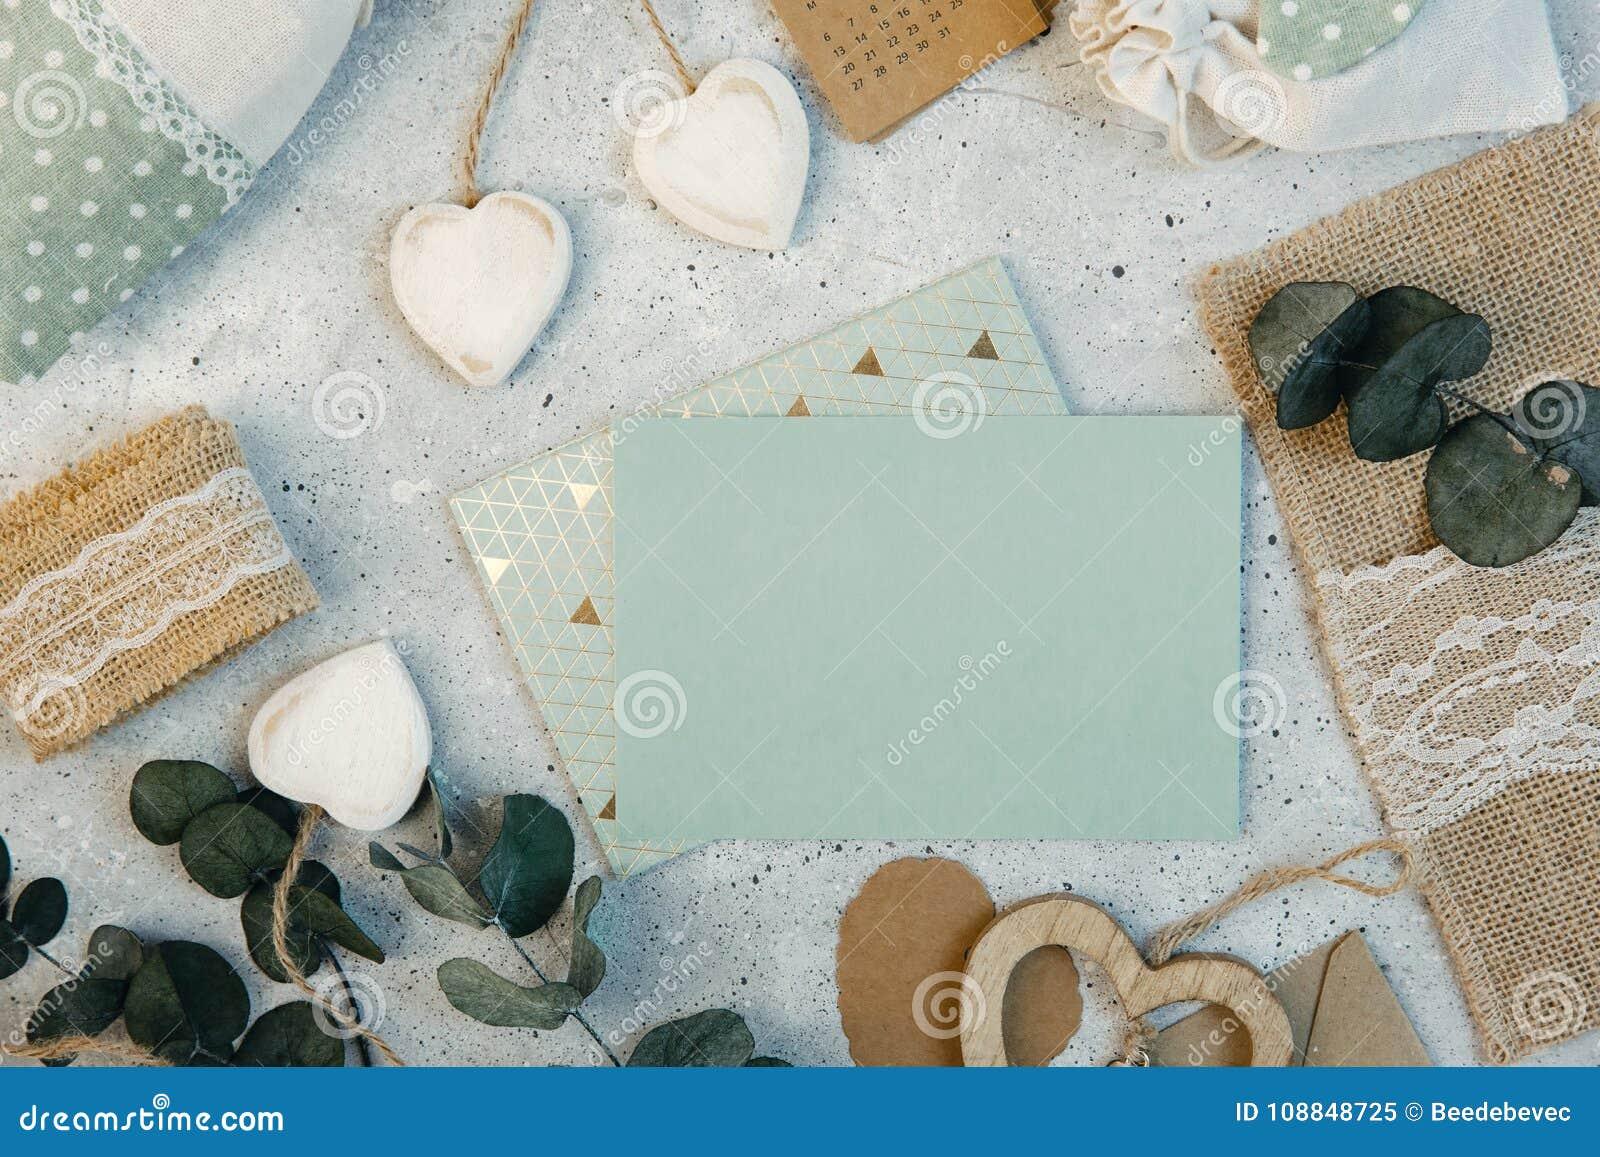 工作区 婚礼邀请卡片、工艺信封、桃红色和英国兰开斯特家族族徽和绿色叶子在白色背景